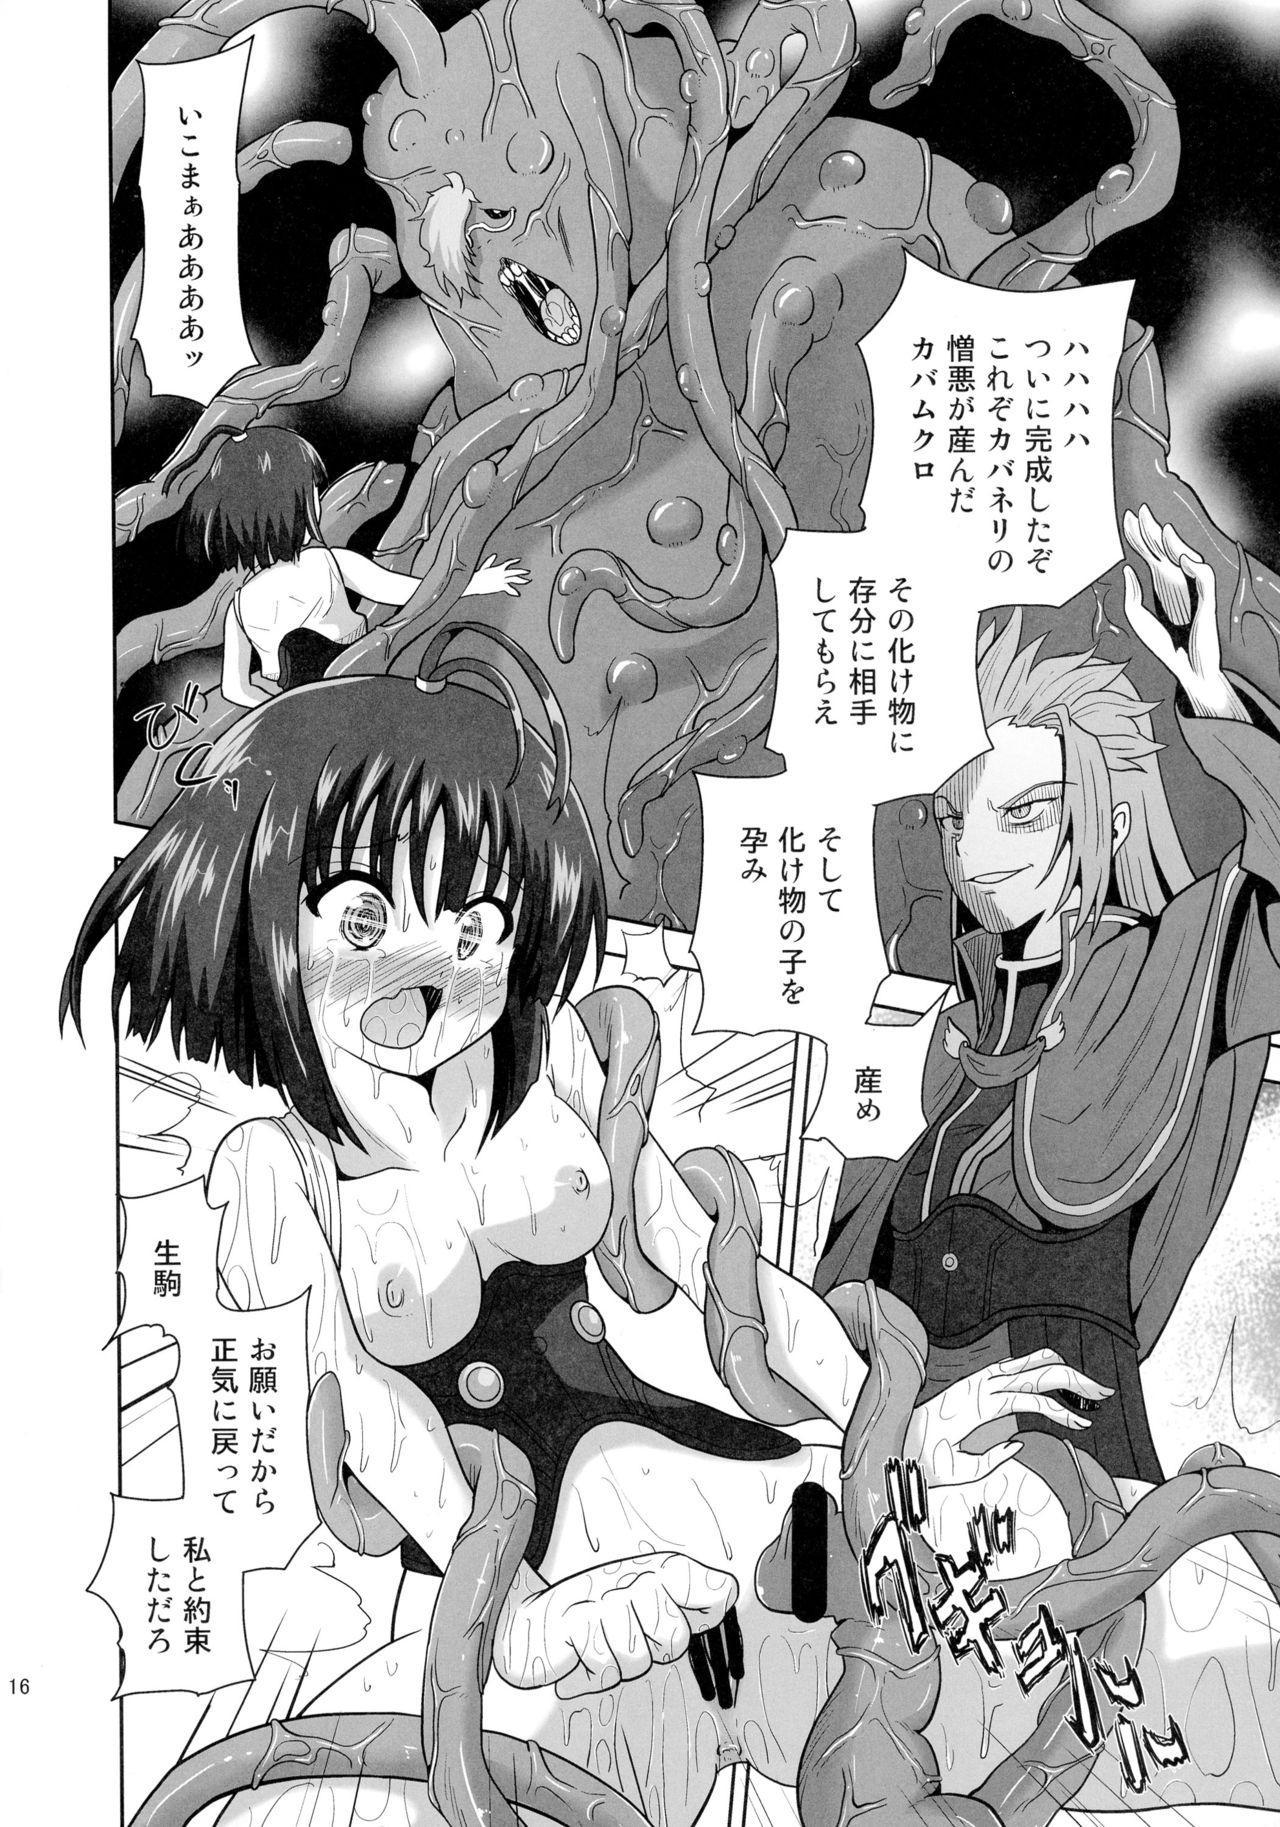 Chijoku ni nure Shoujo wa Muzan ni Chiru 15